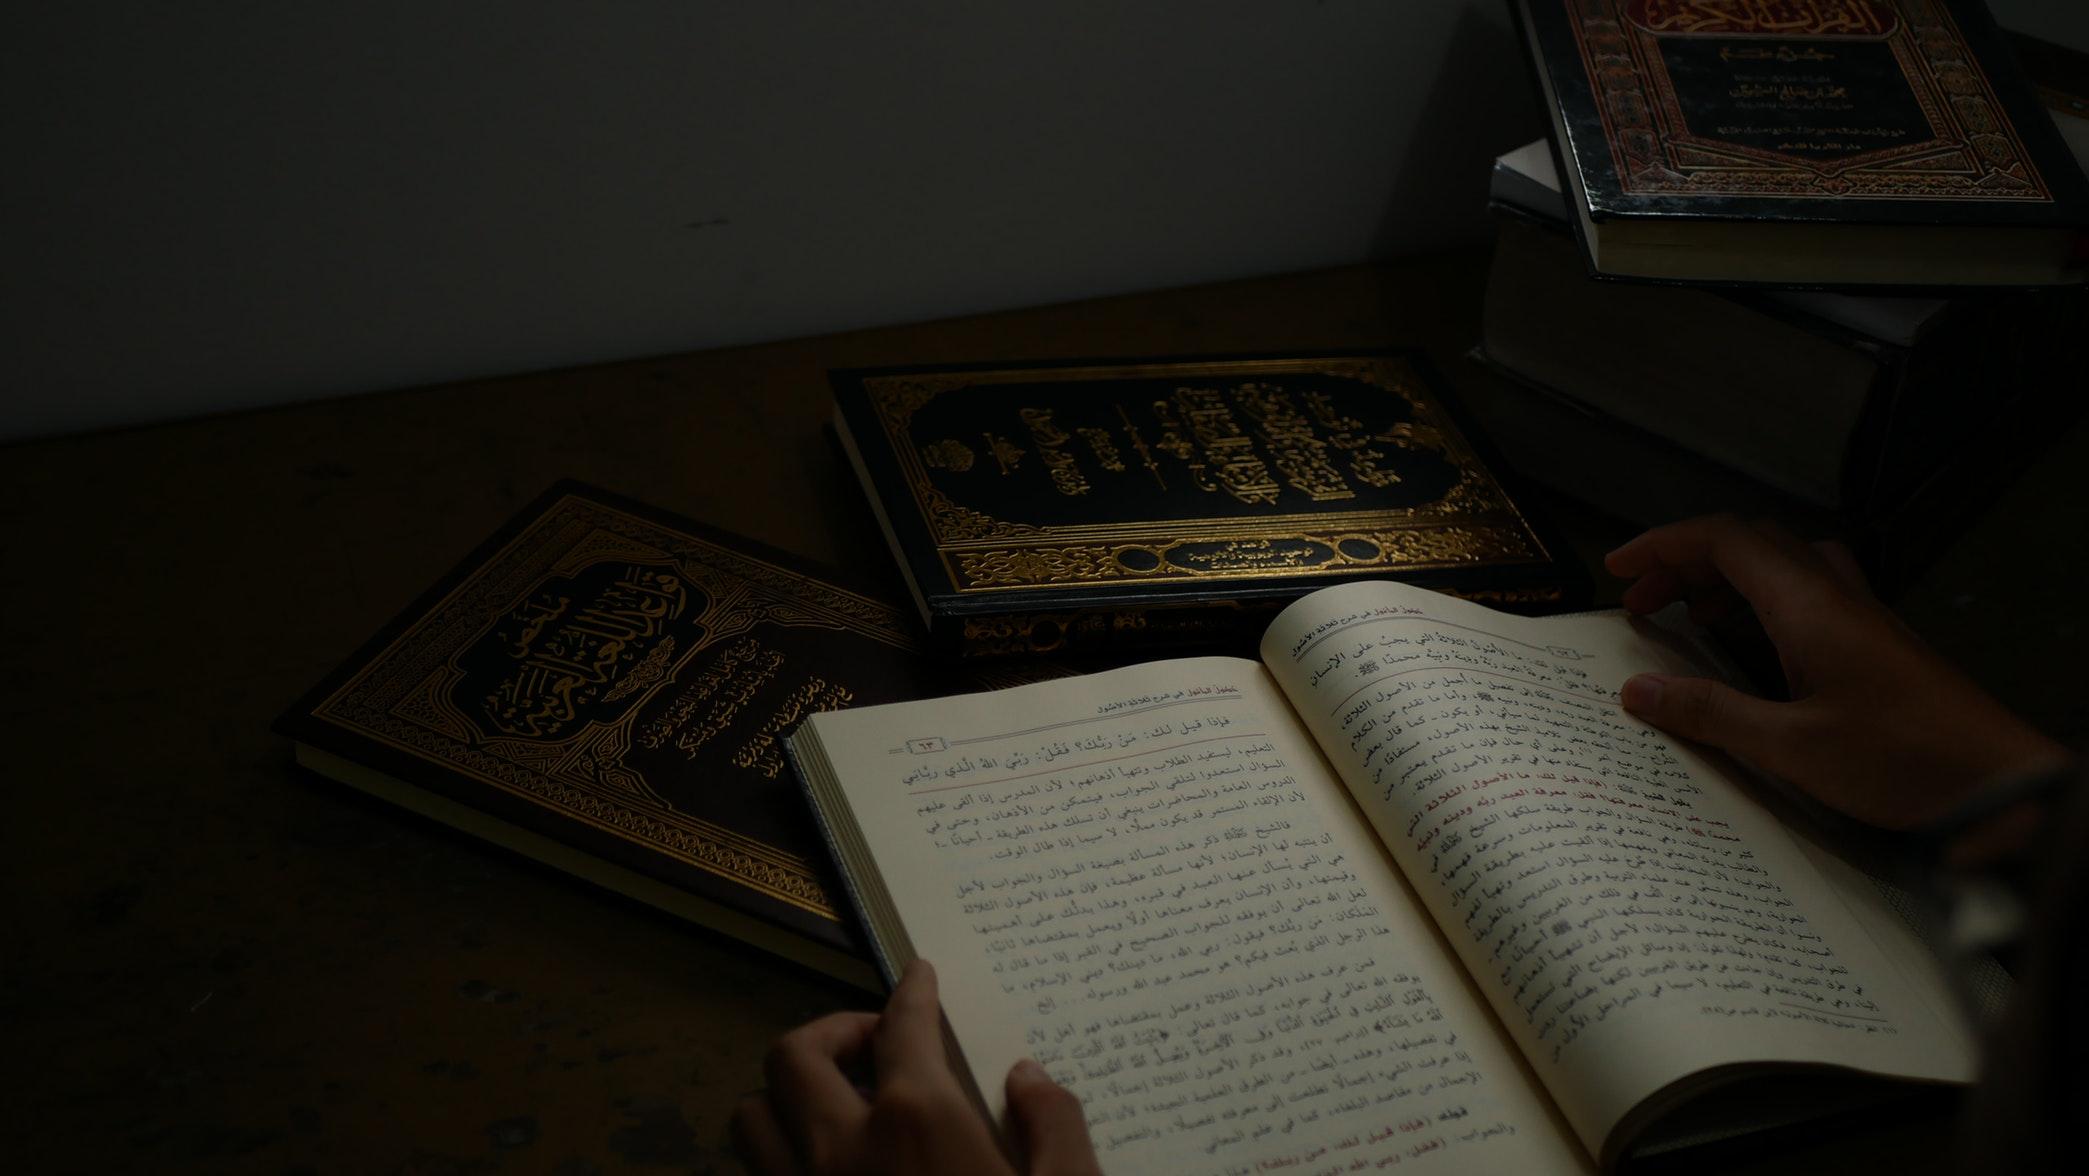 En nuestra relación con el Corán es mucho más importante que reflexionemos, comprendamos y apliquemos lo que leemos, que recitar mucho.